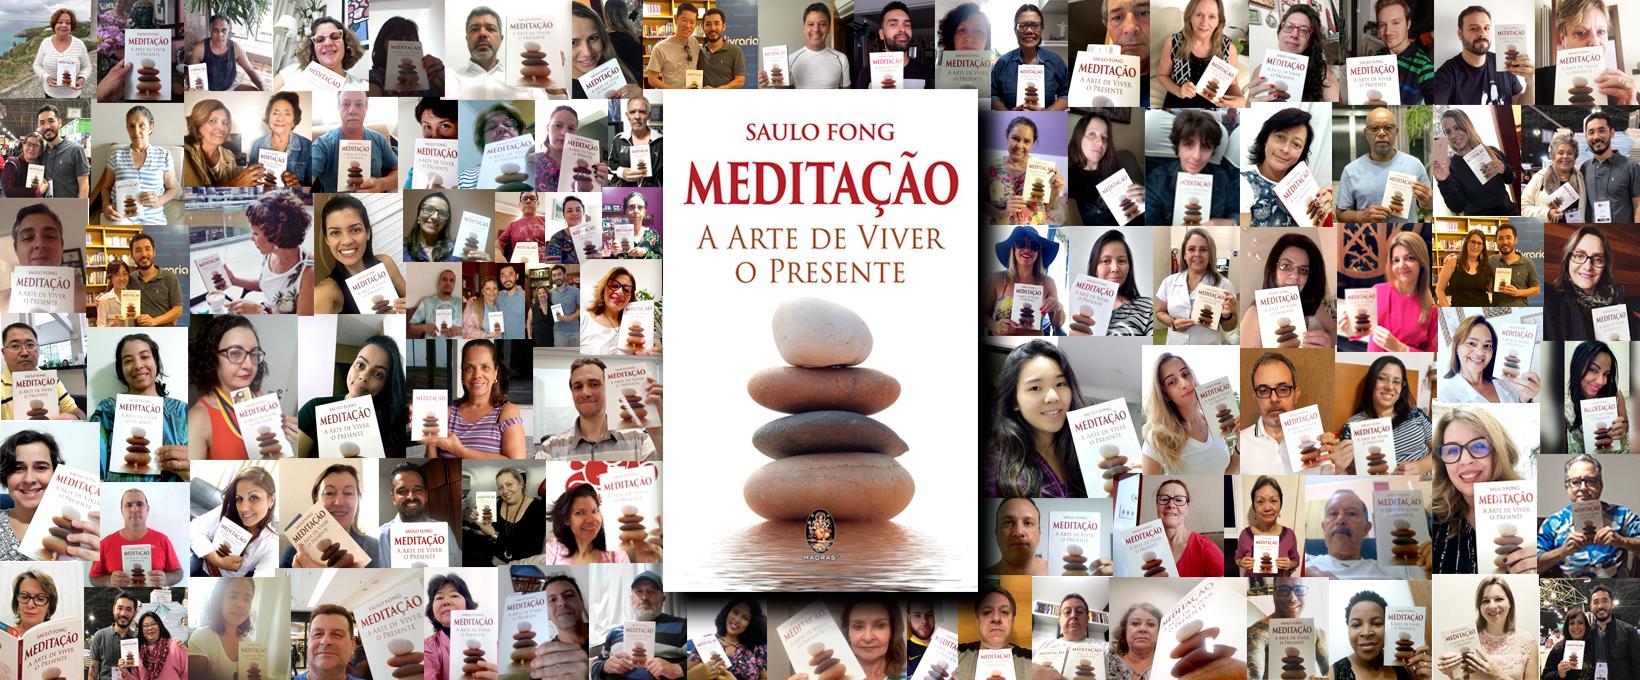 Livro sobre Meditação mais vendido do Brasil